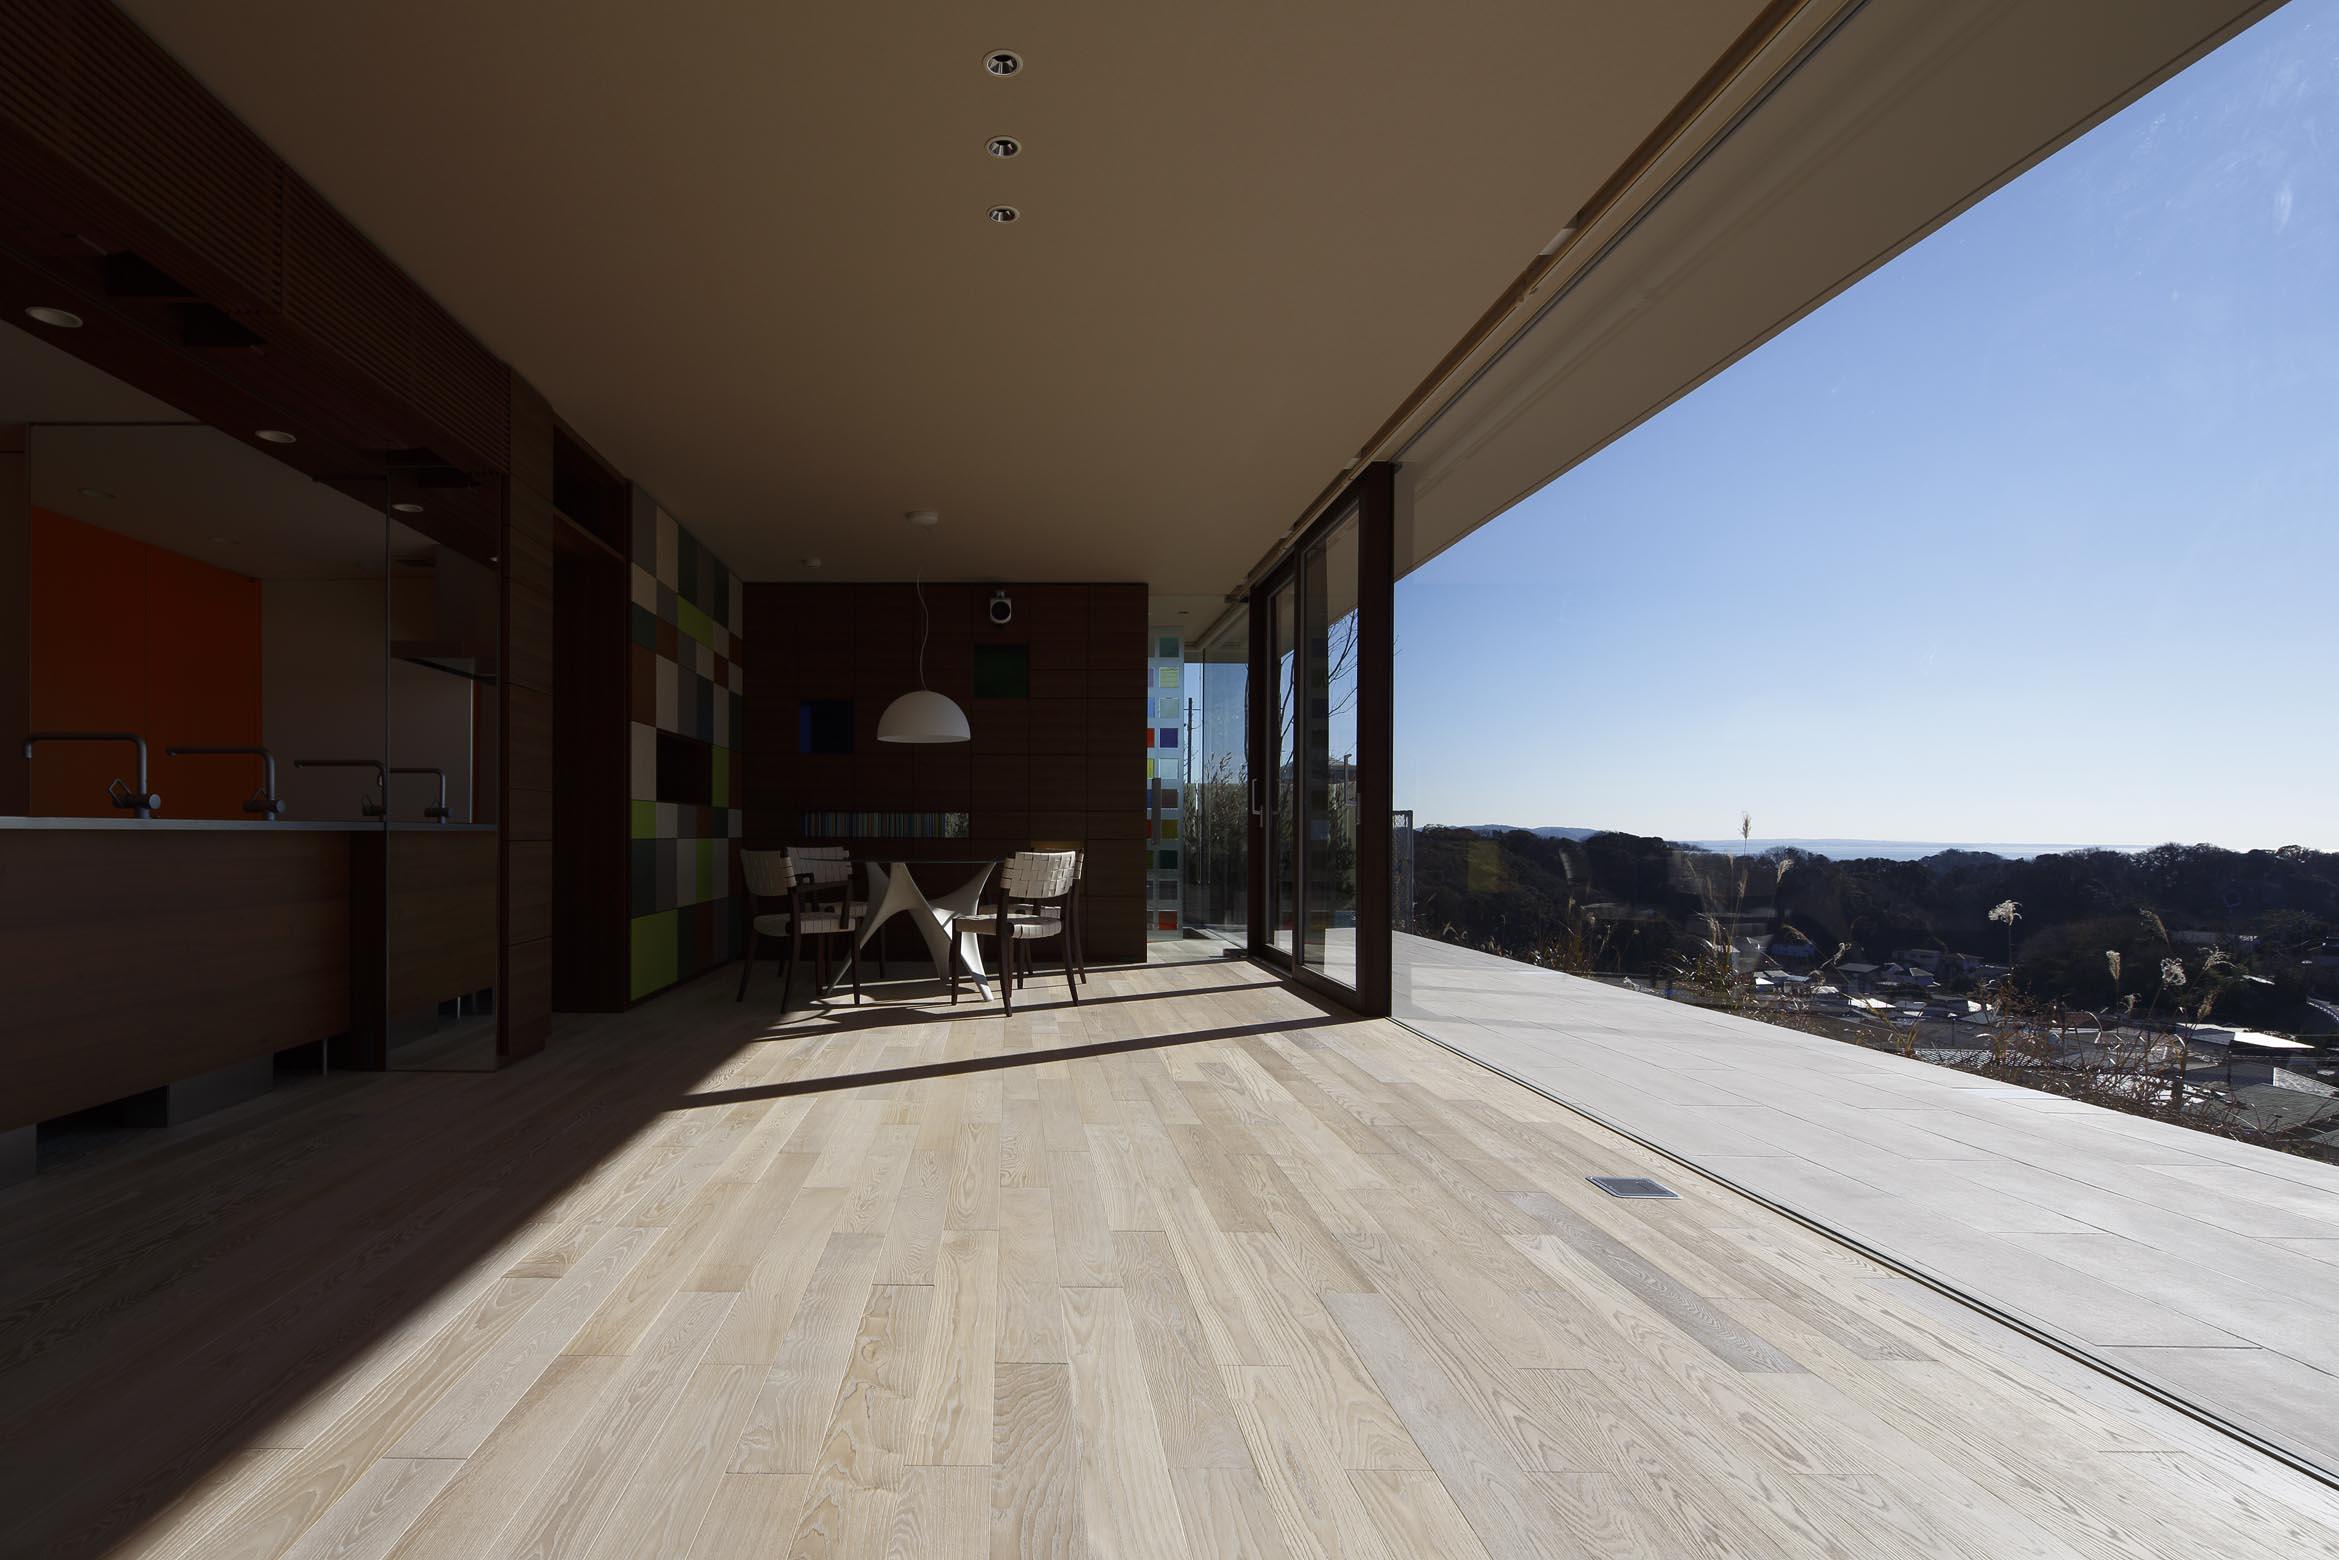 リビングよりエントランス方向/CASA BARCA/豪邸 高級別荘建築